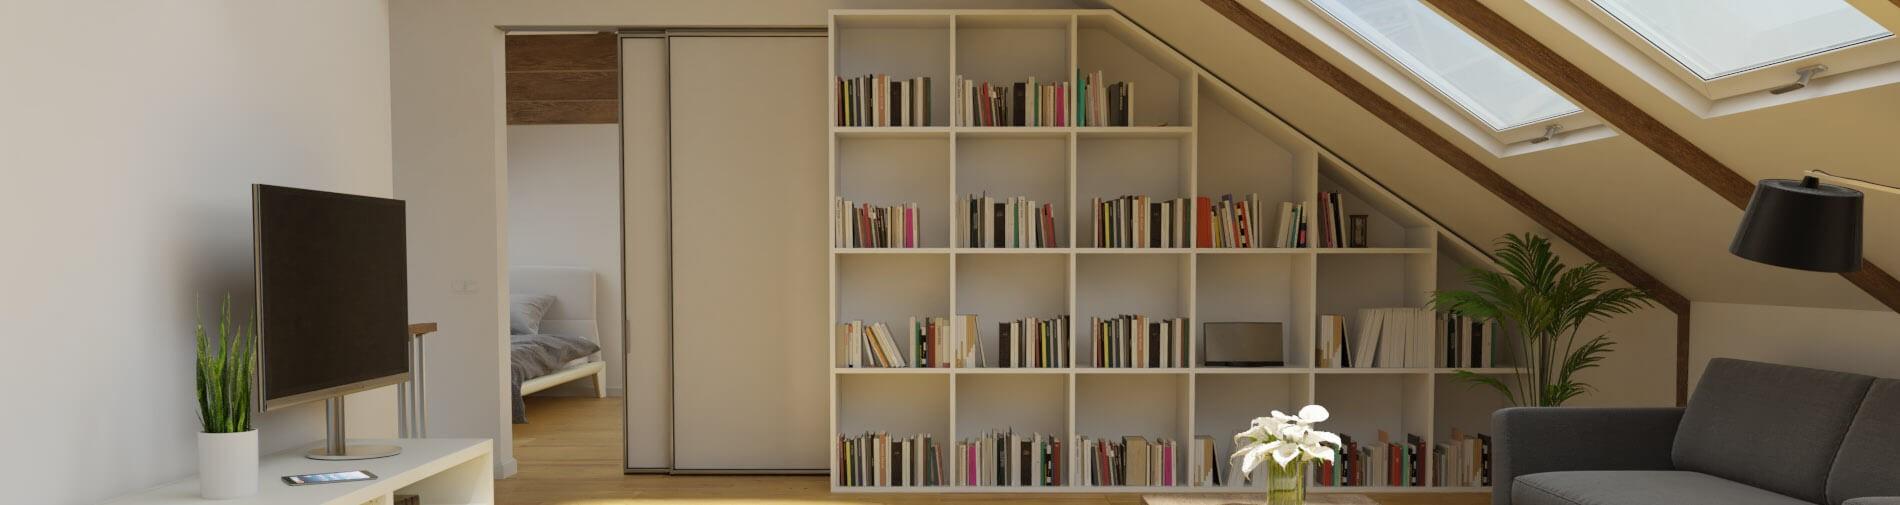 Bekannt Bücherregal zum Selberbauen passgenau von | schrankplaner.de HT81